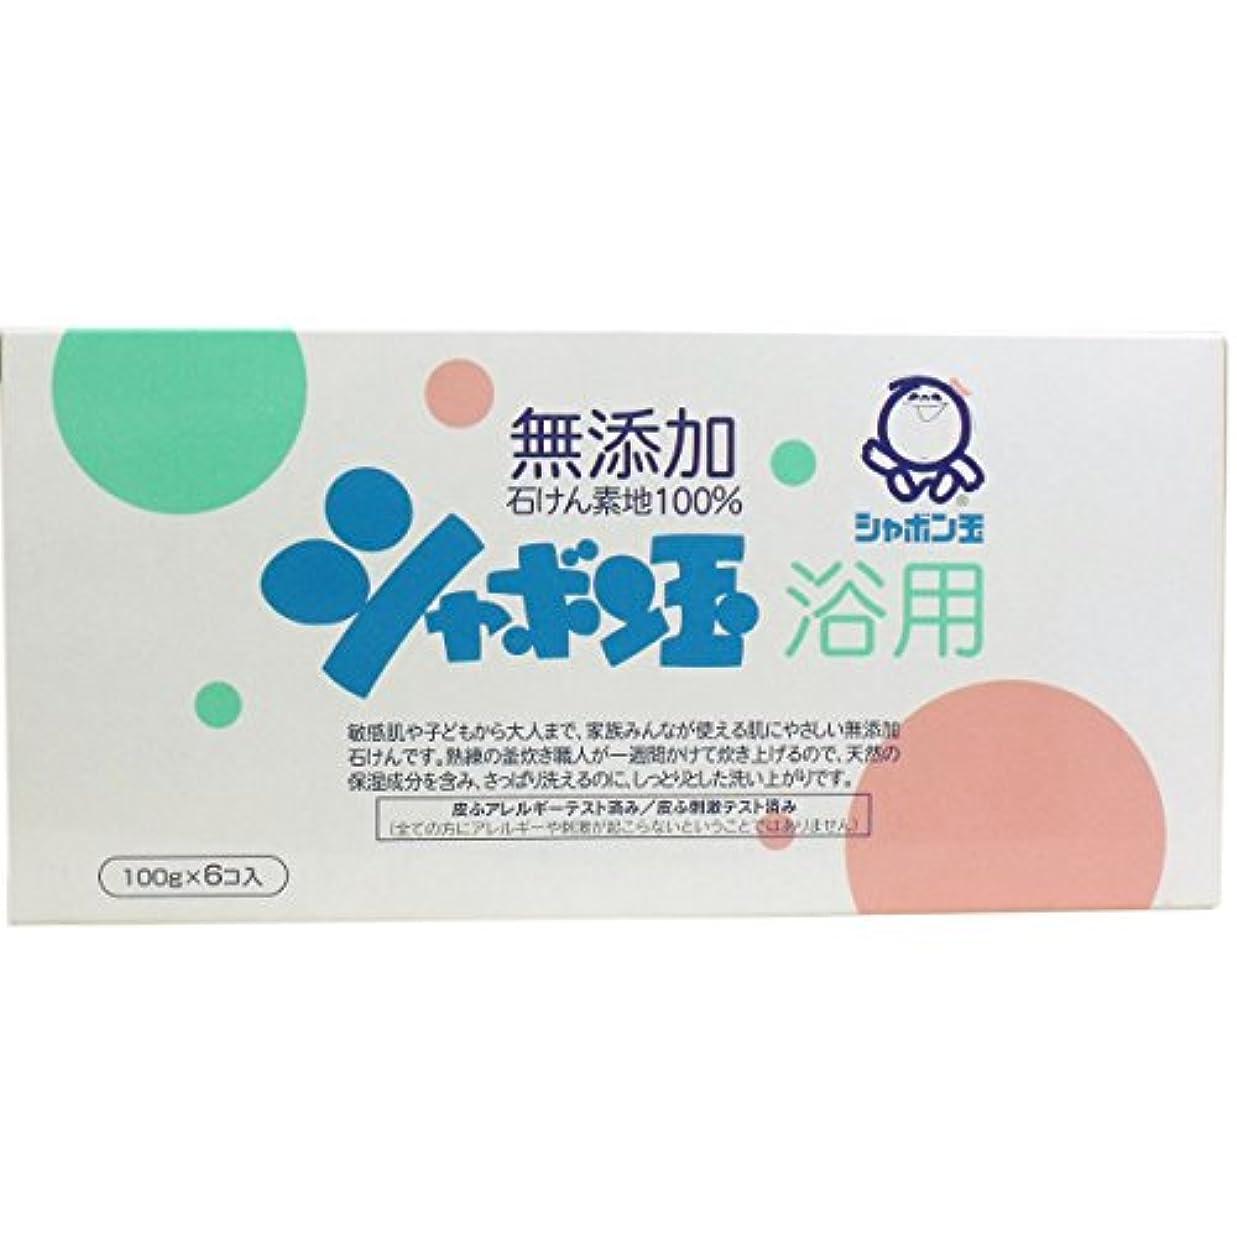 フクロウお父さん病弱【まとめ買い】化粧石けんシャボン玉浴用 6個入 ×2セット